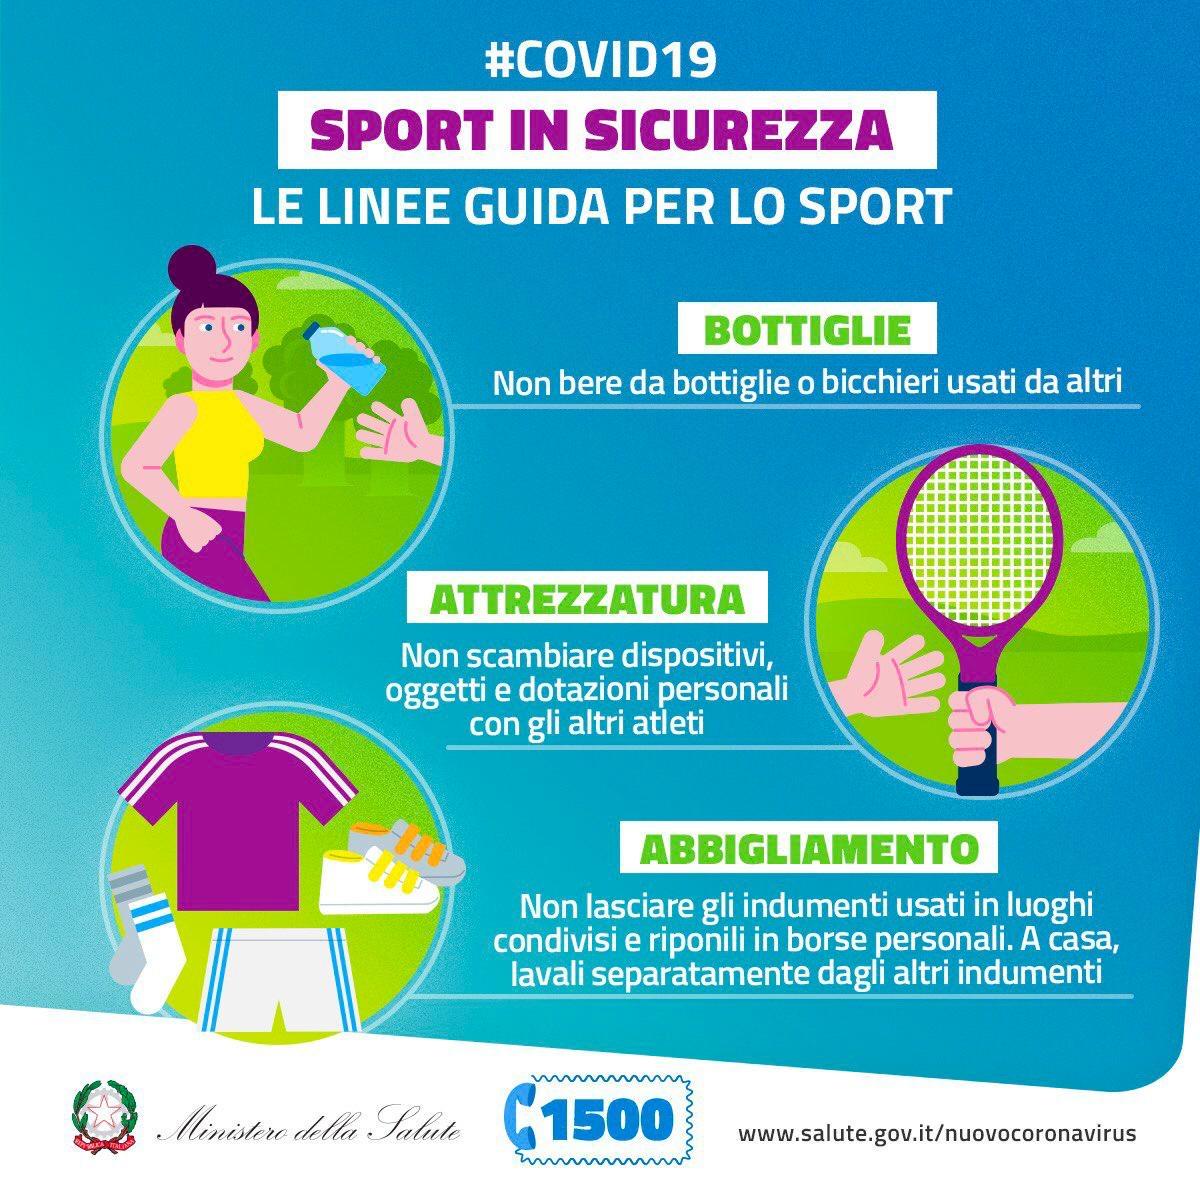 Le linee guida per lo sport del Ministero della Salute